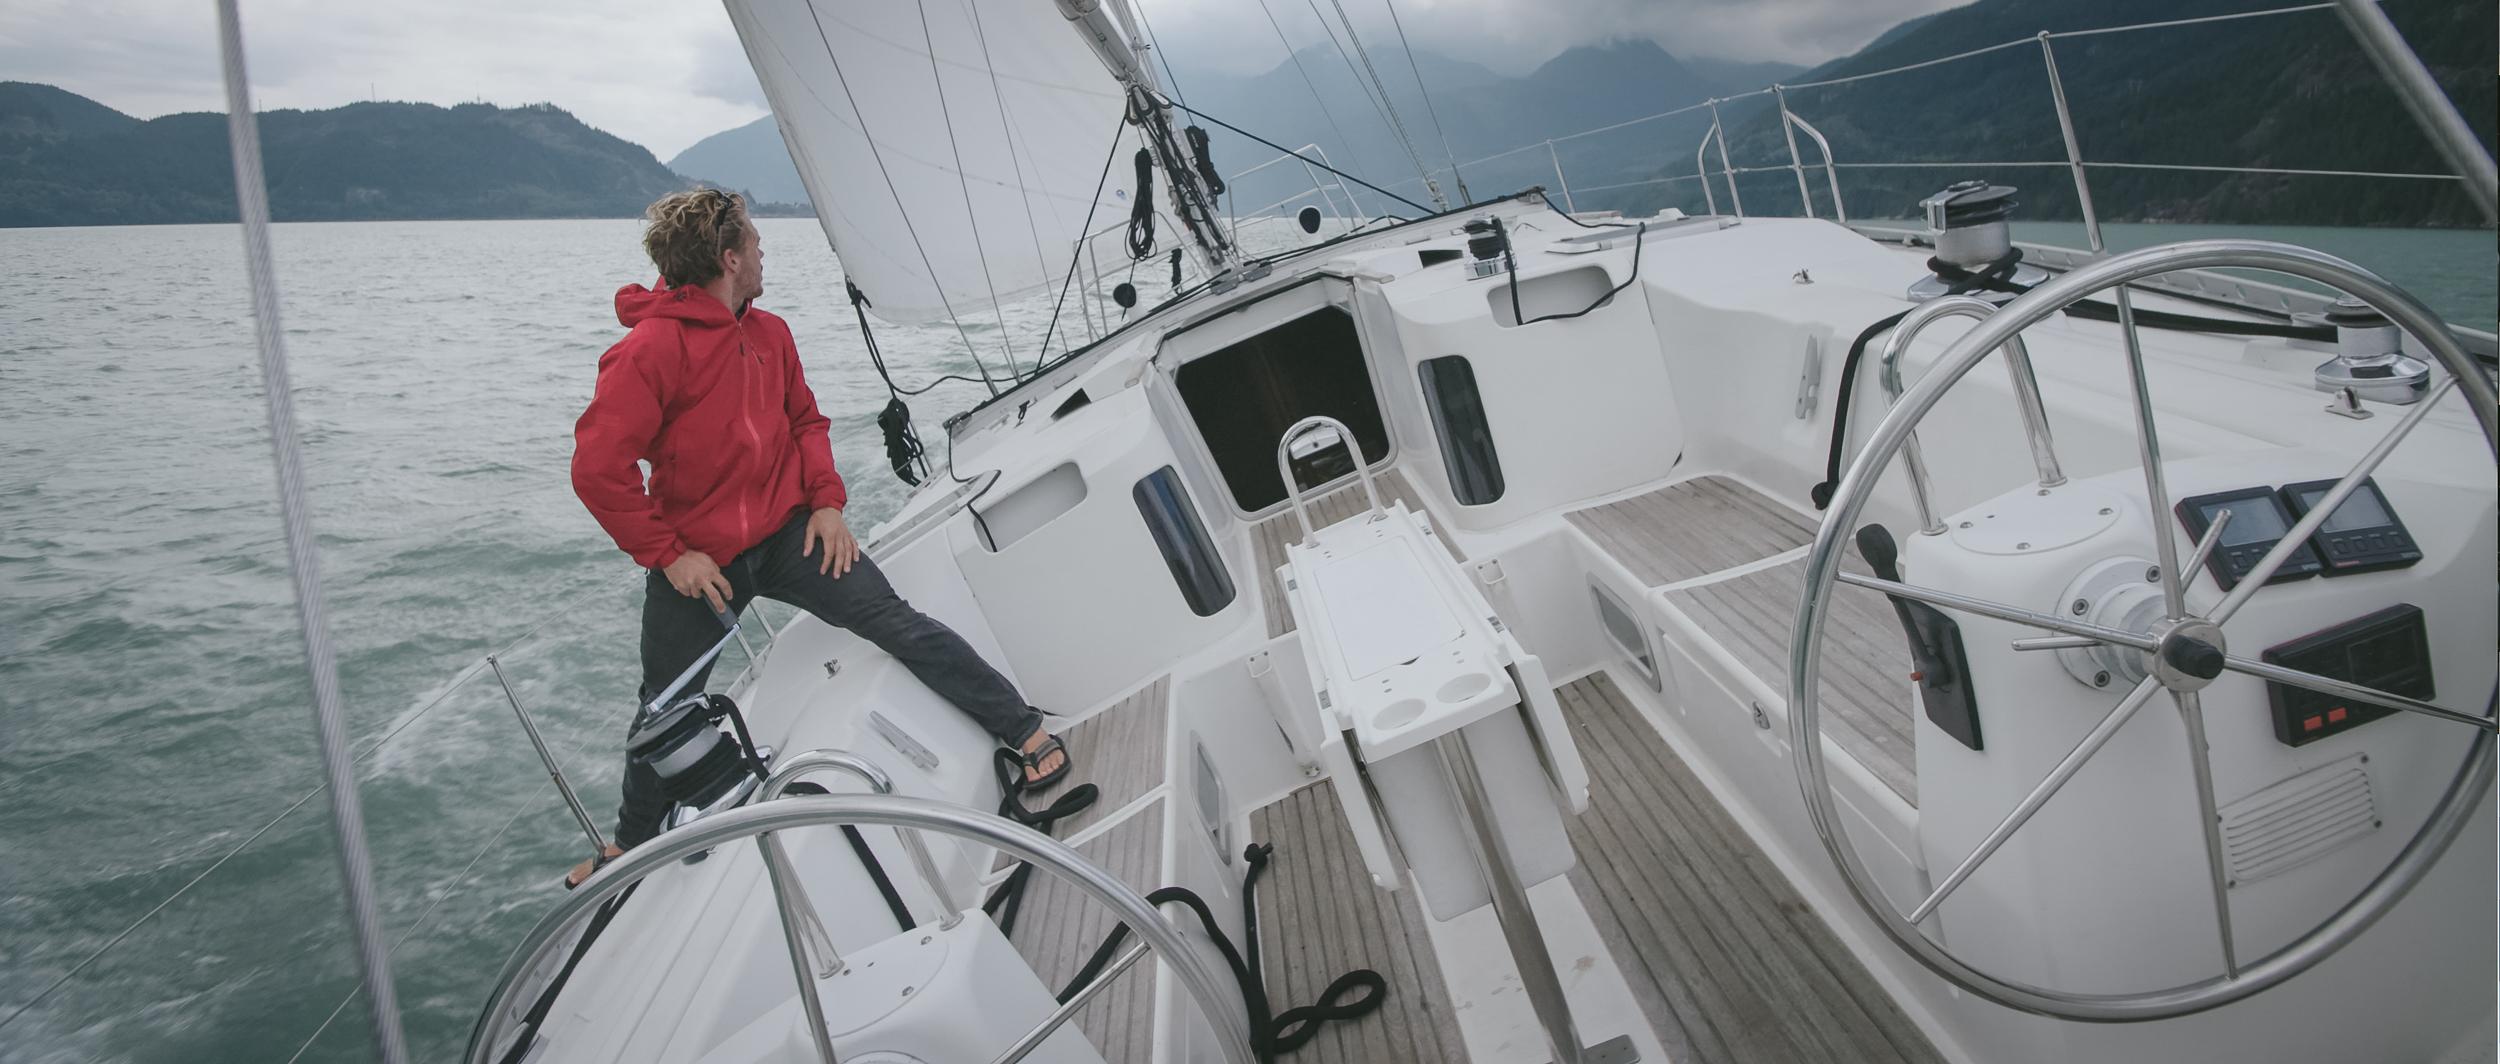 Sailing-3.jpg